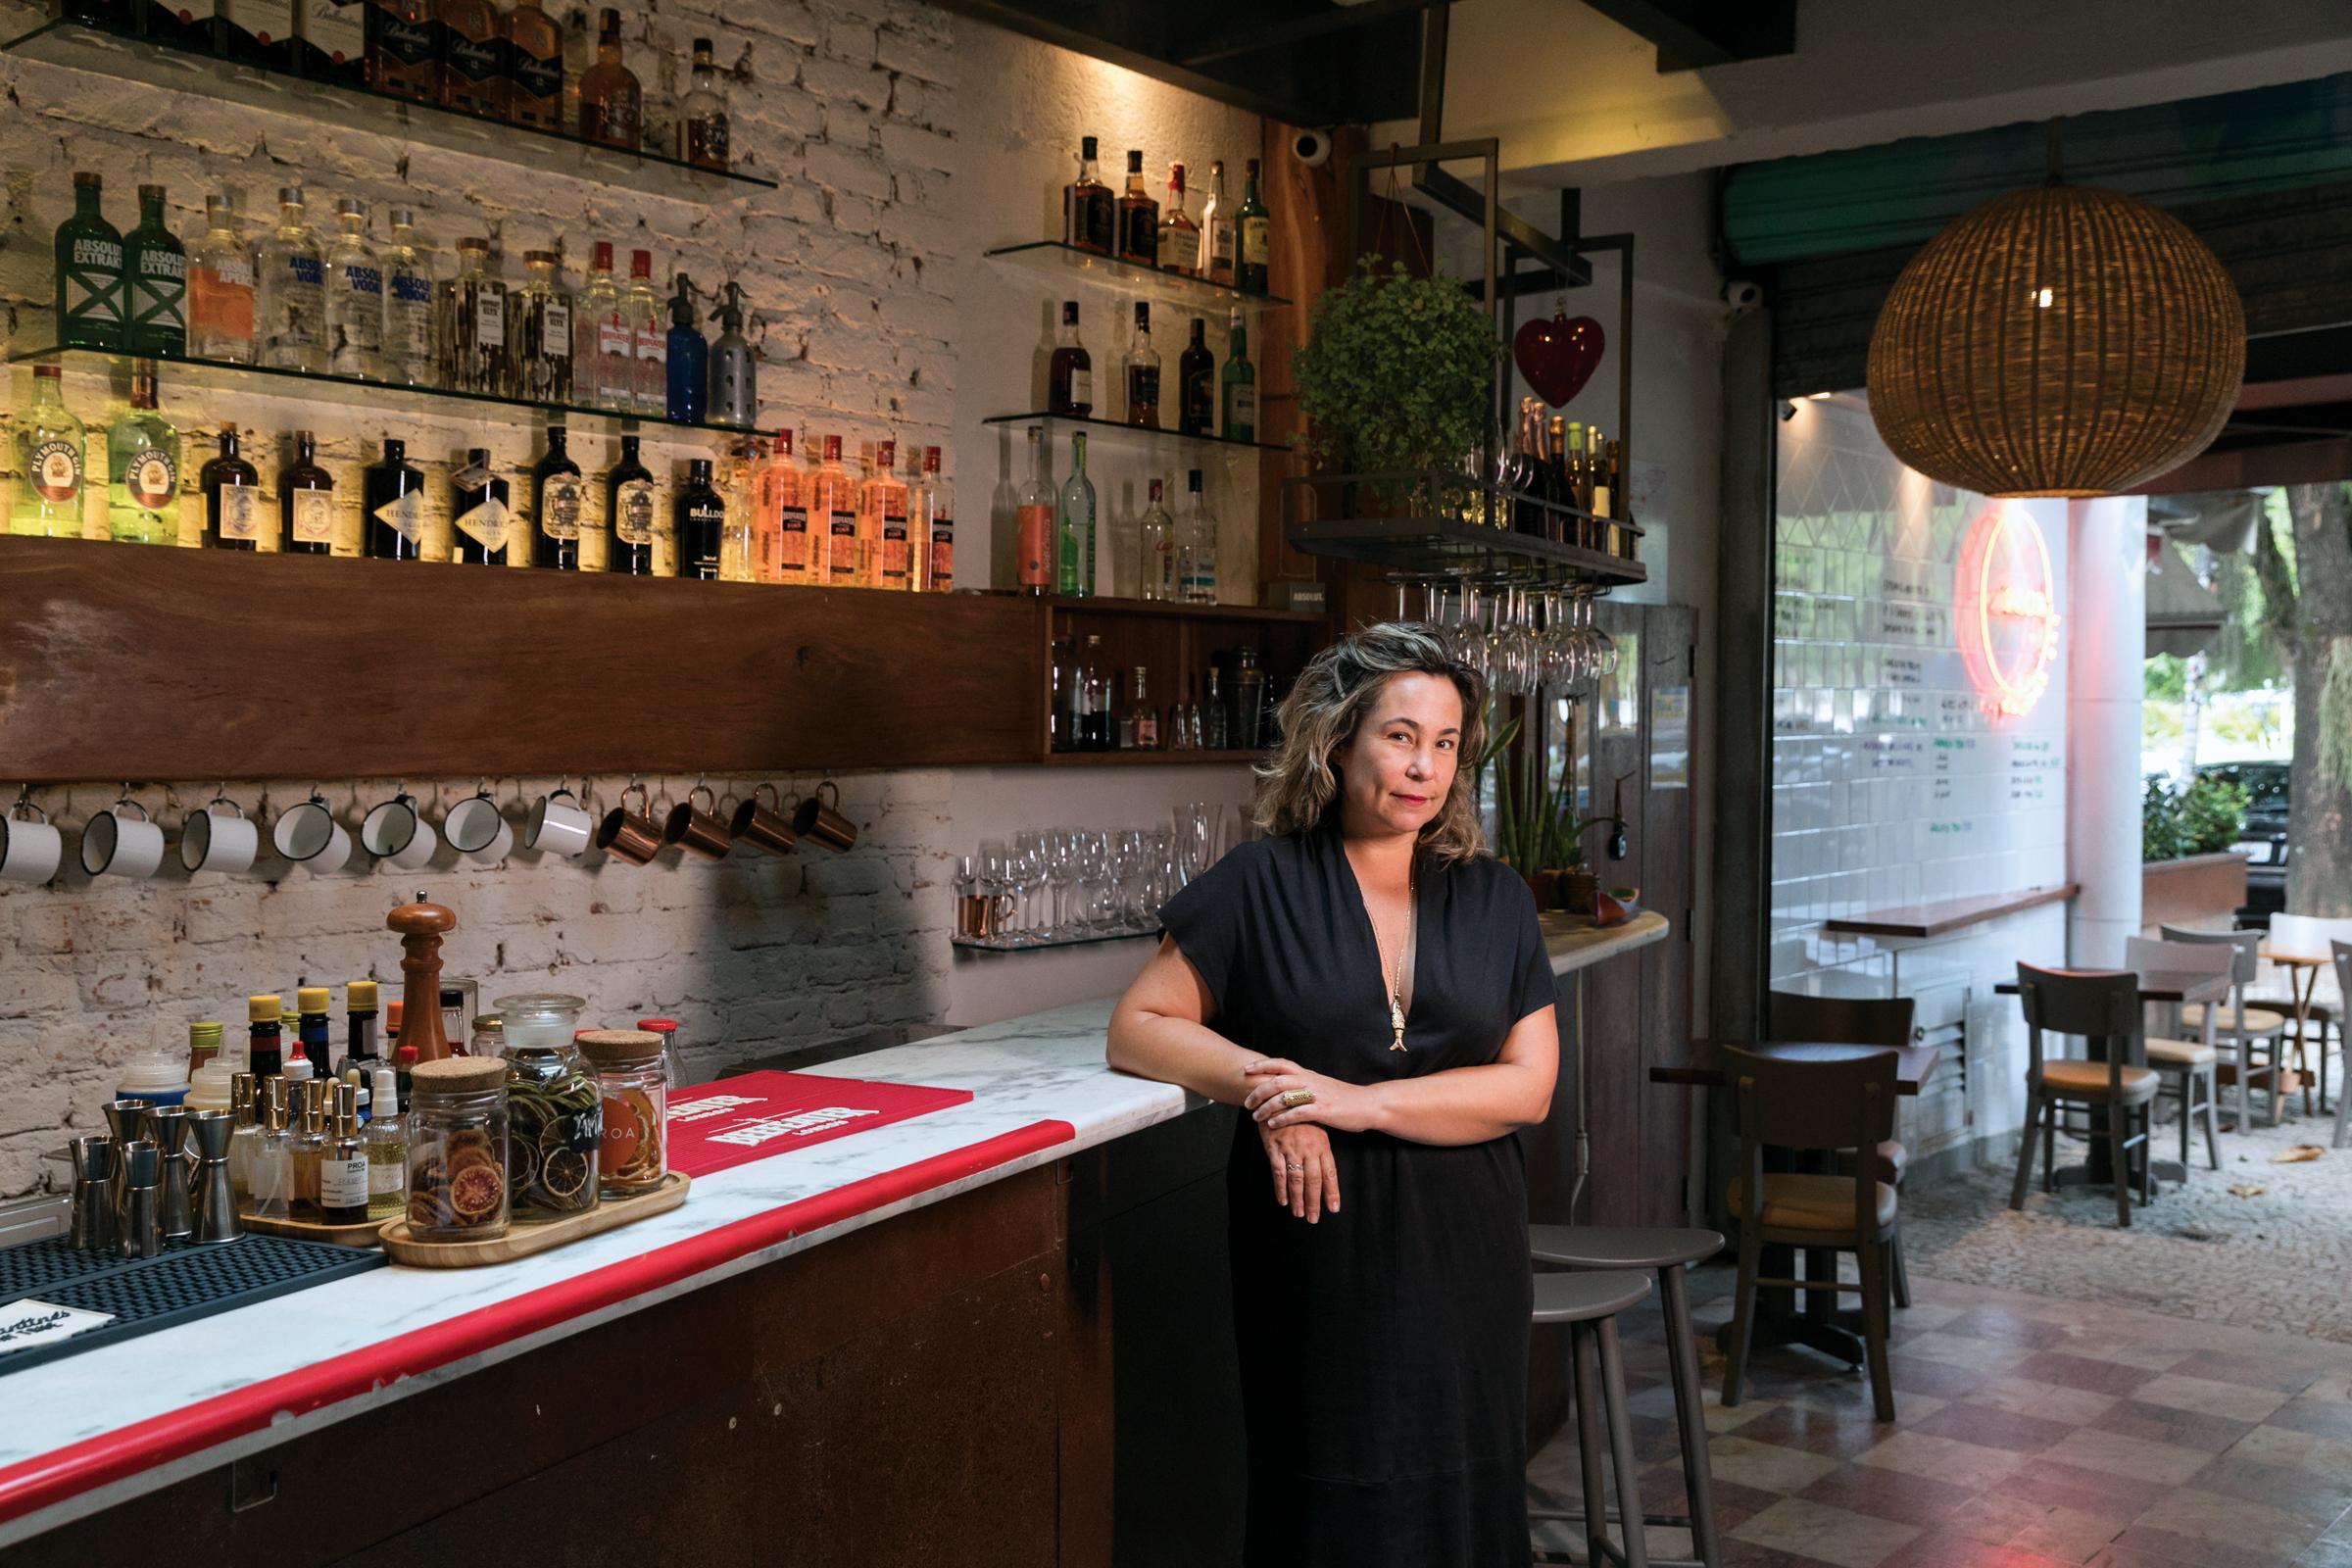 Chef Joana Carvalho em frente ao balcão do bar